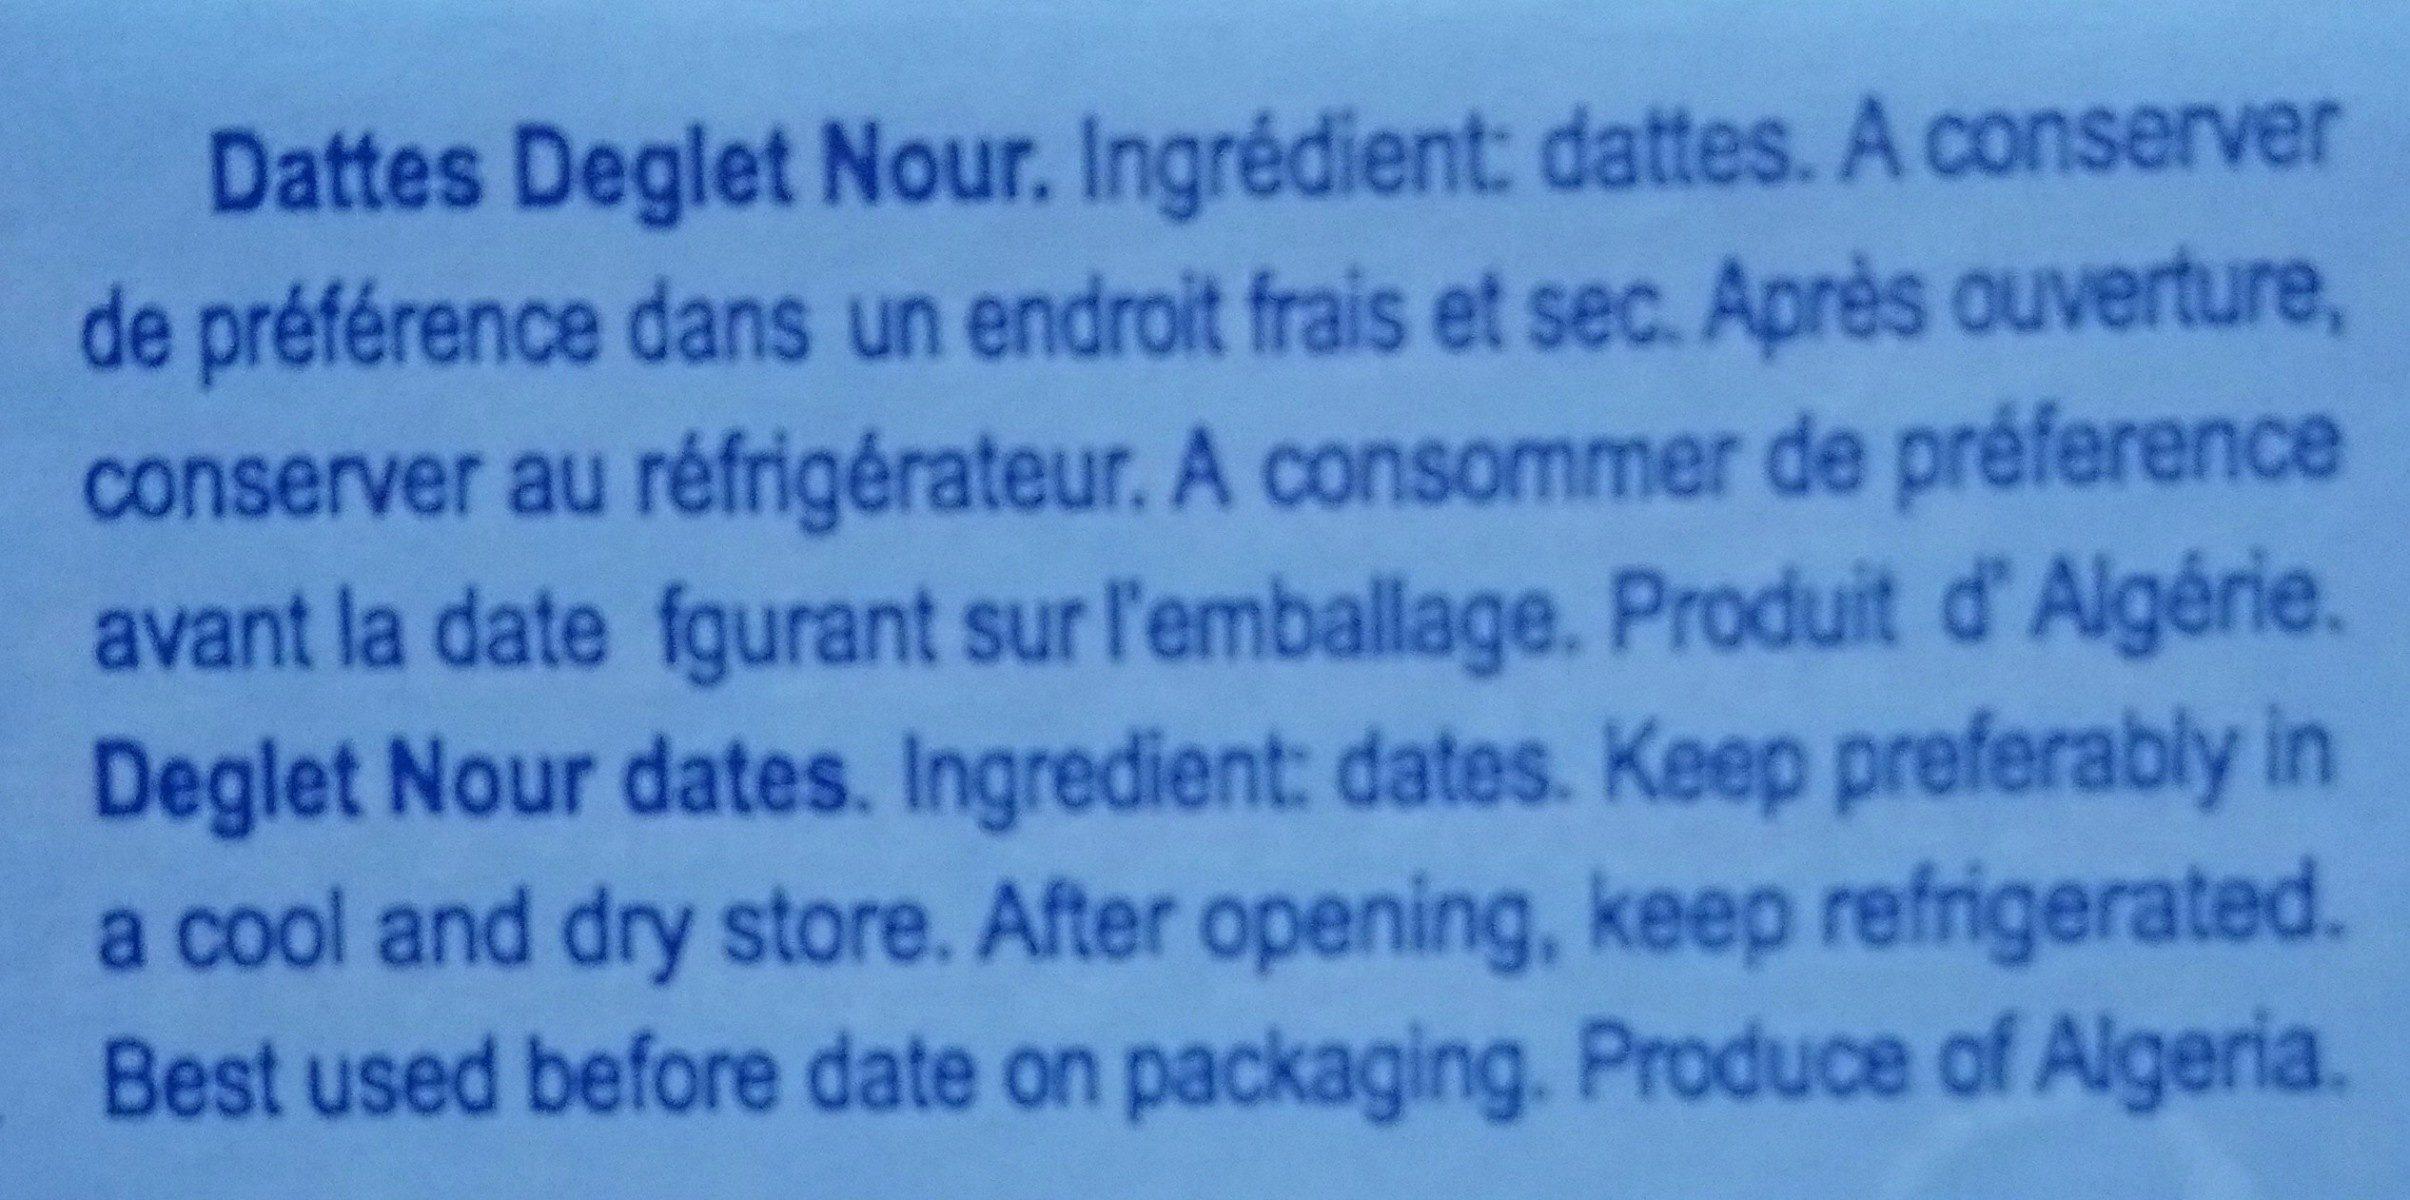 Dattes Deglet Nour (conditionnée) - المكونات - fr